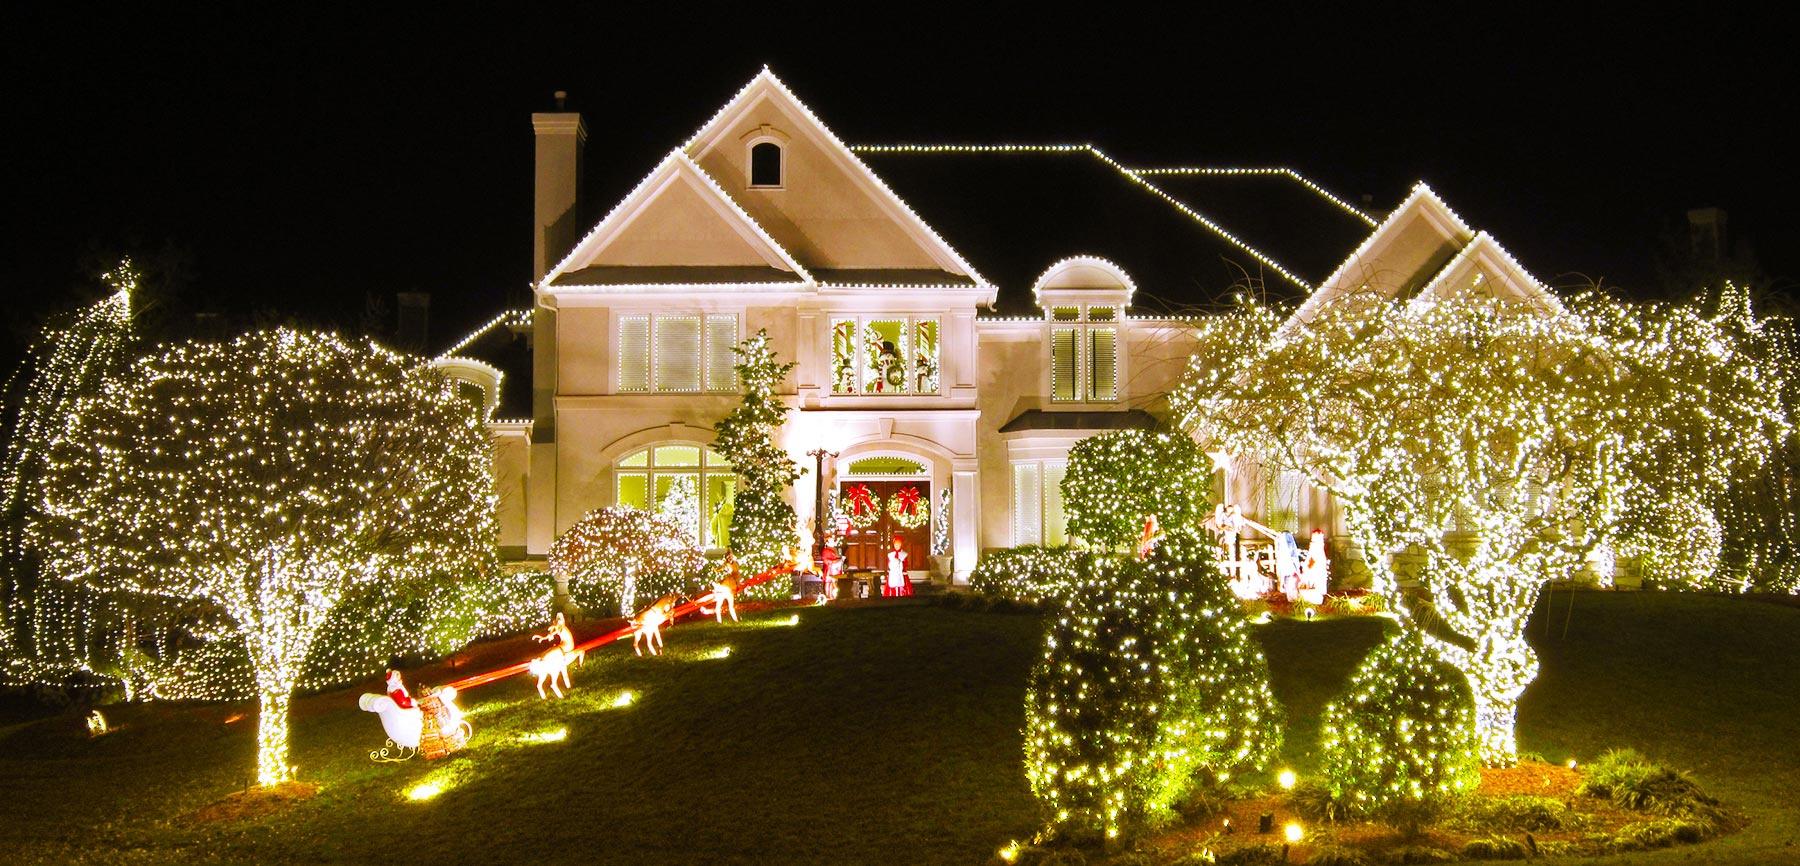 Profitable Holiday Lighting Business